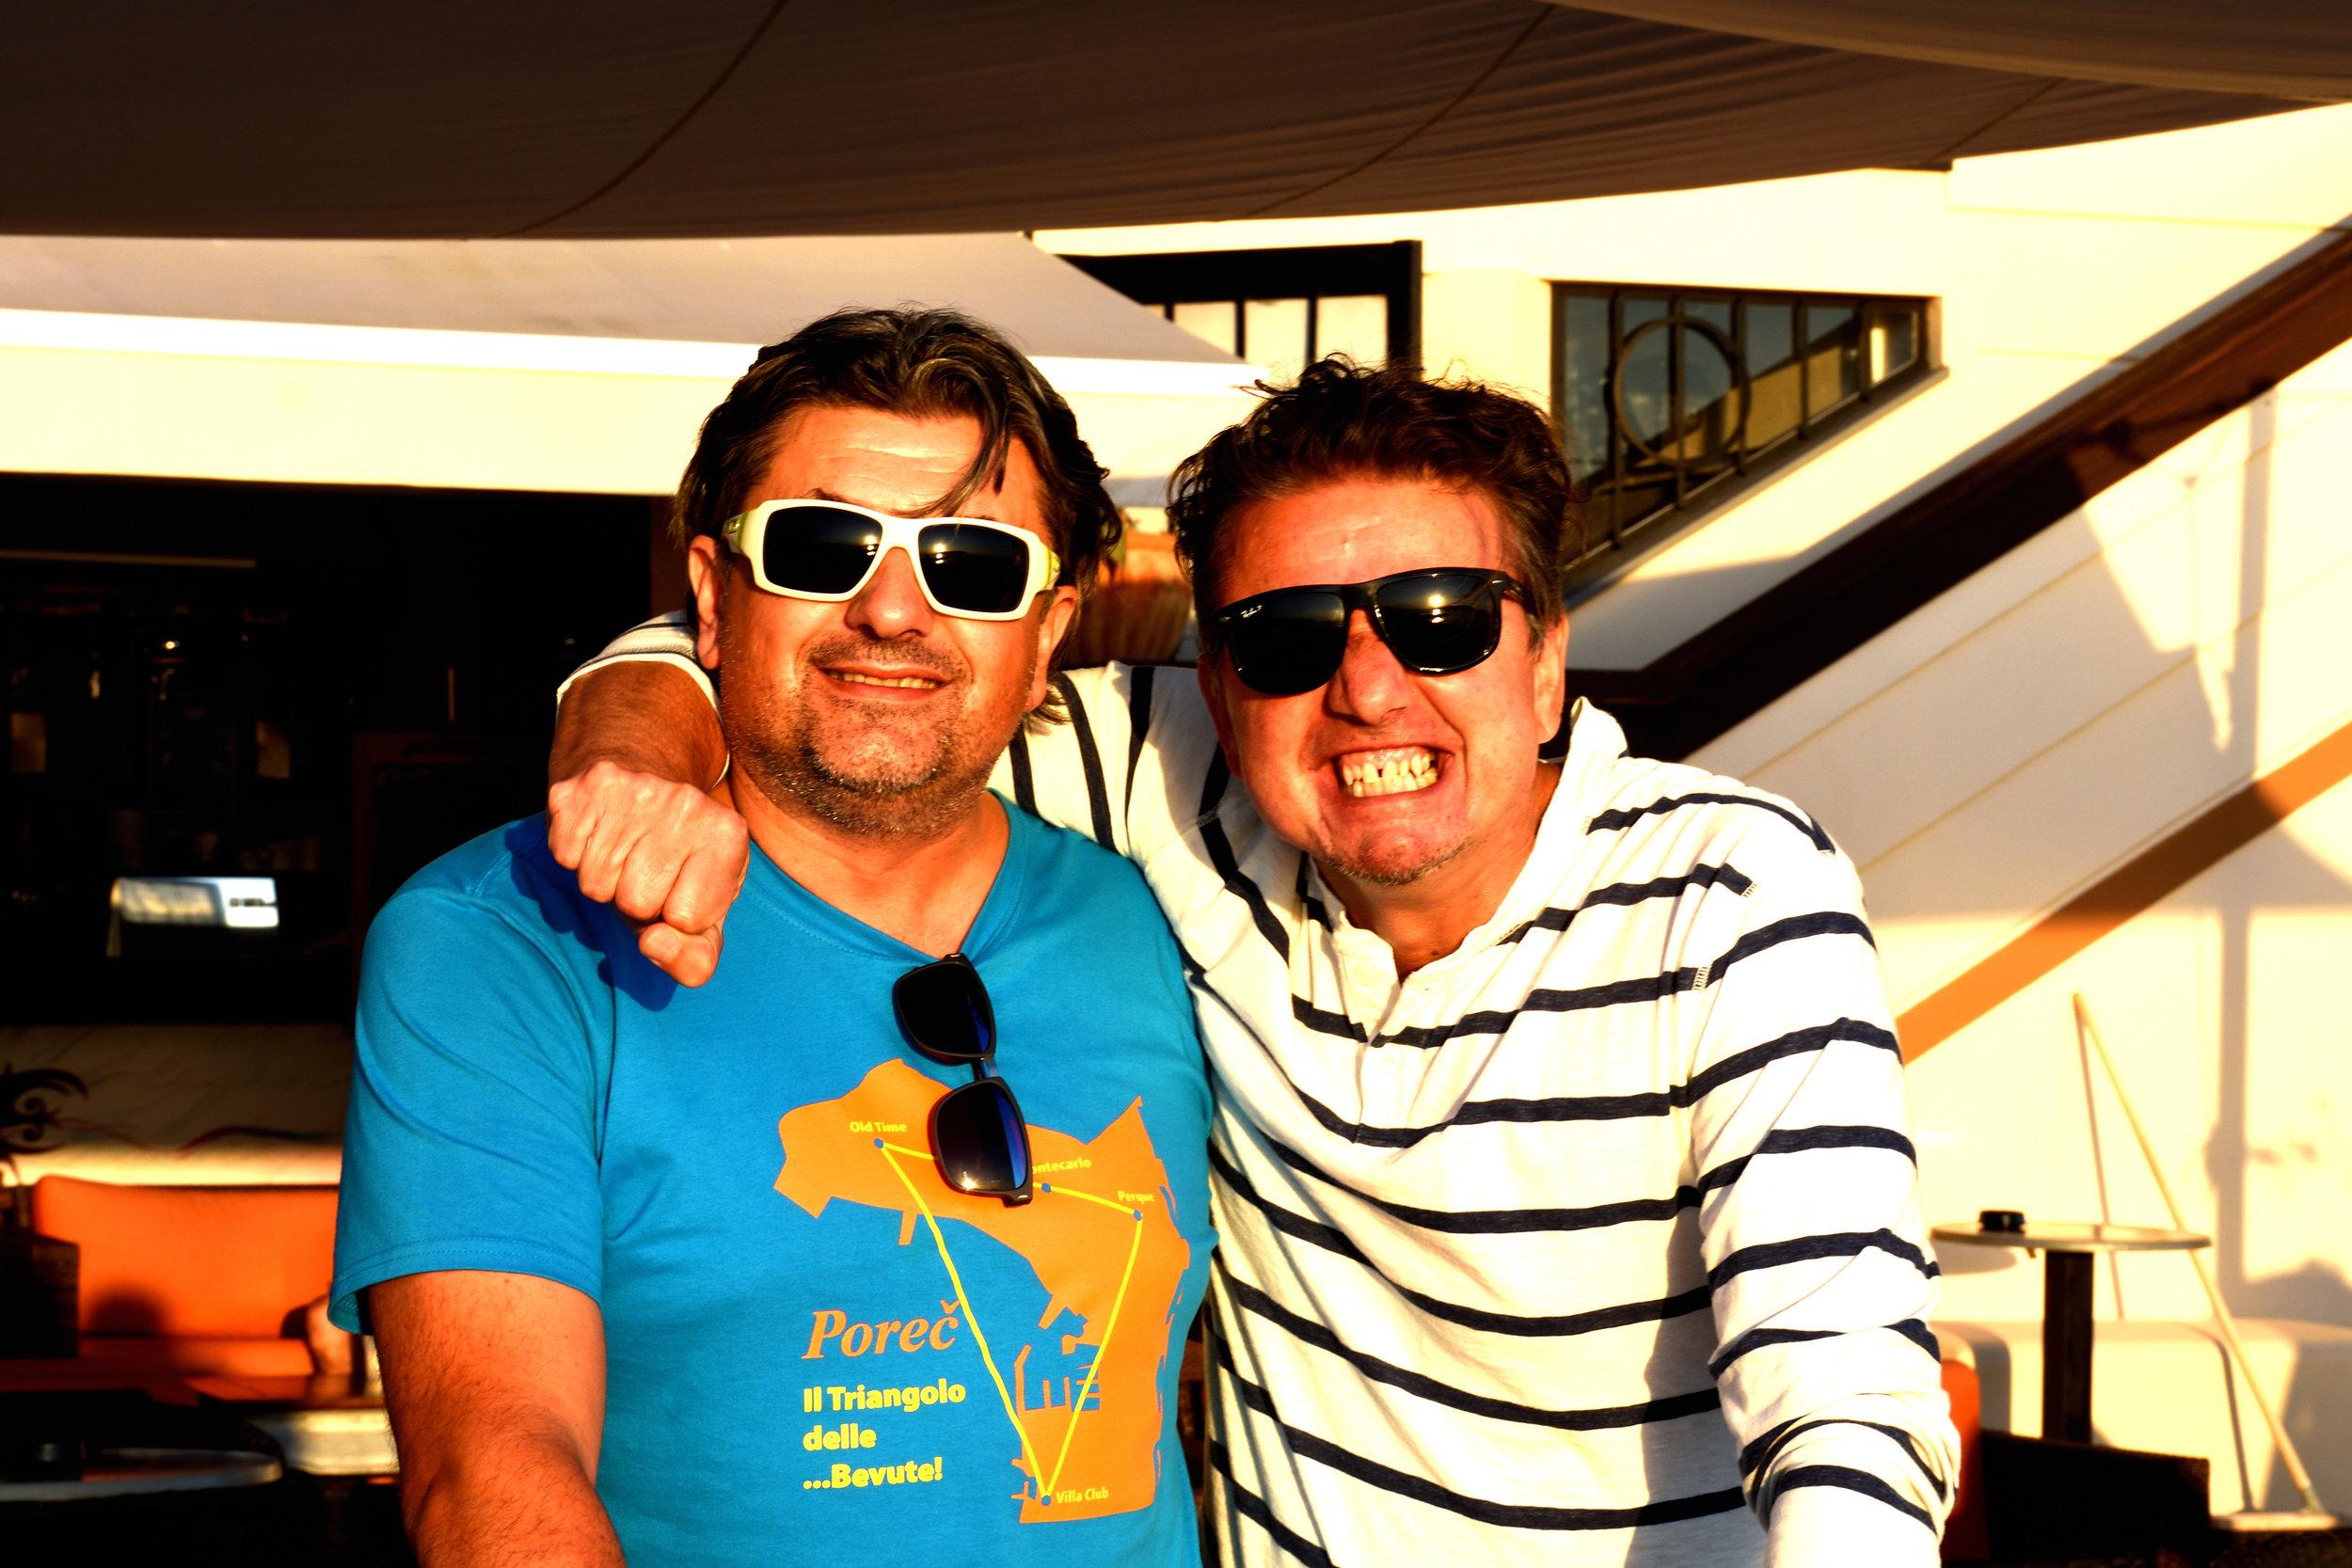 Sander and Bojan!